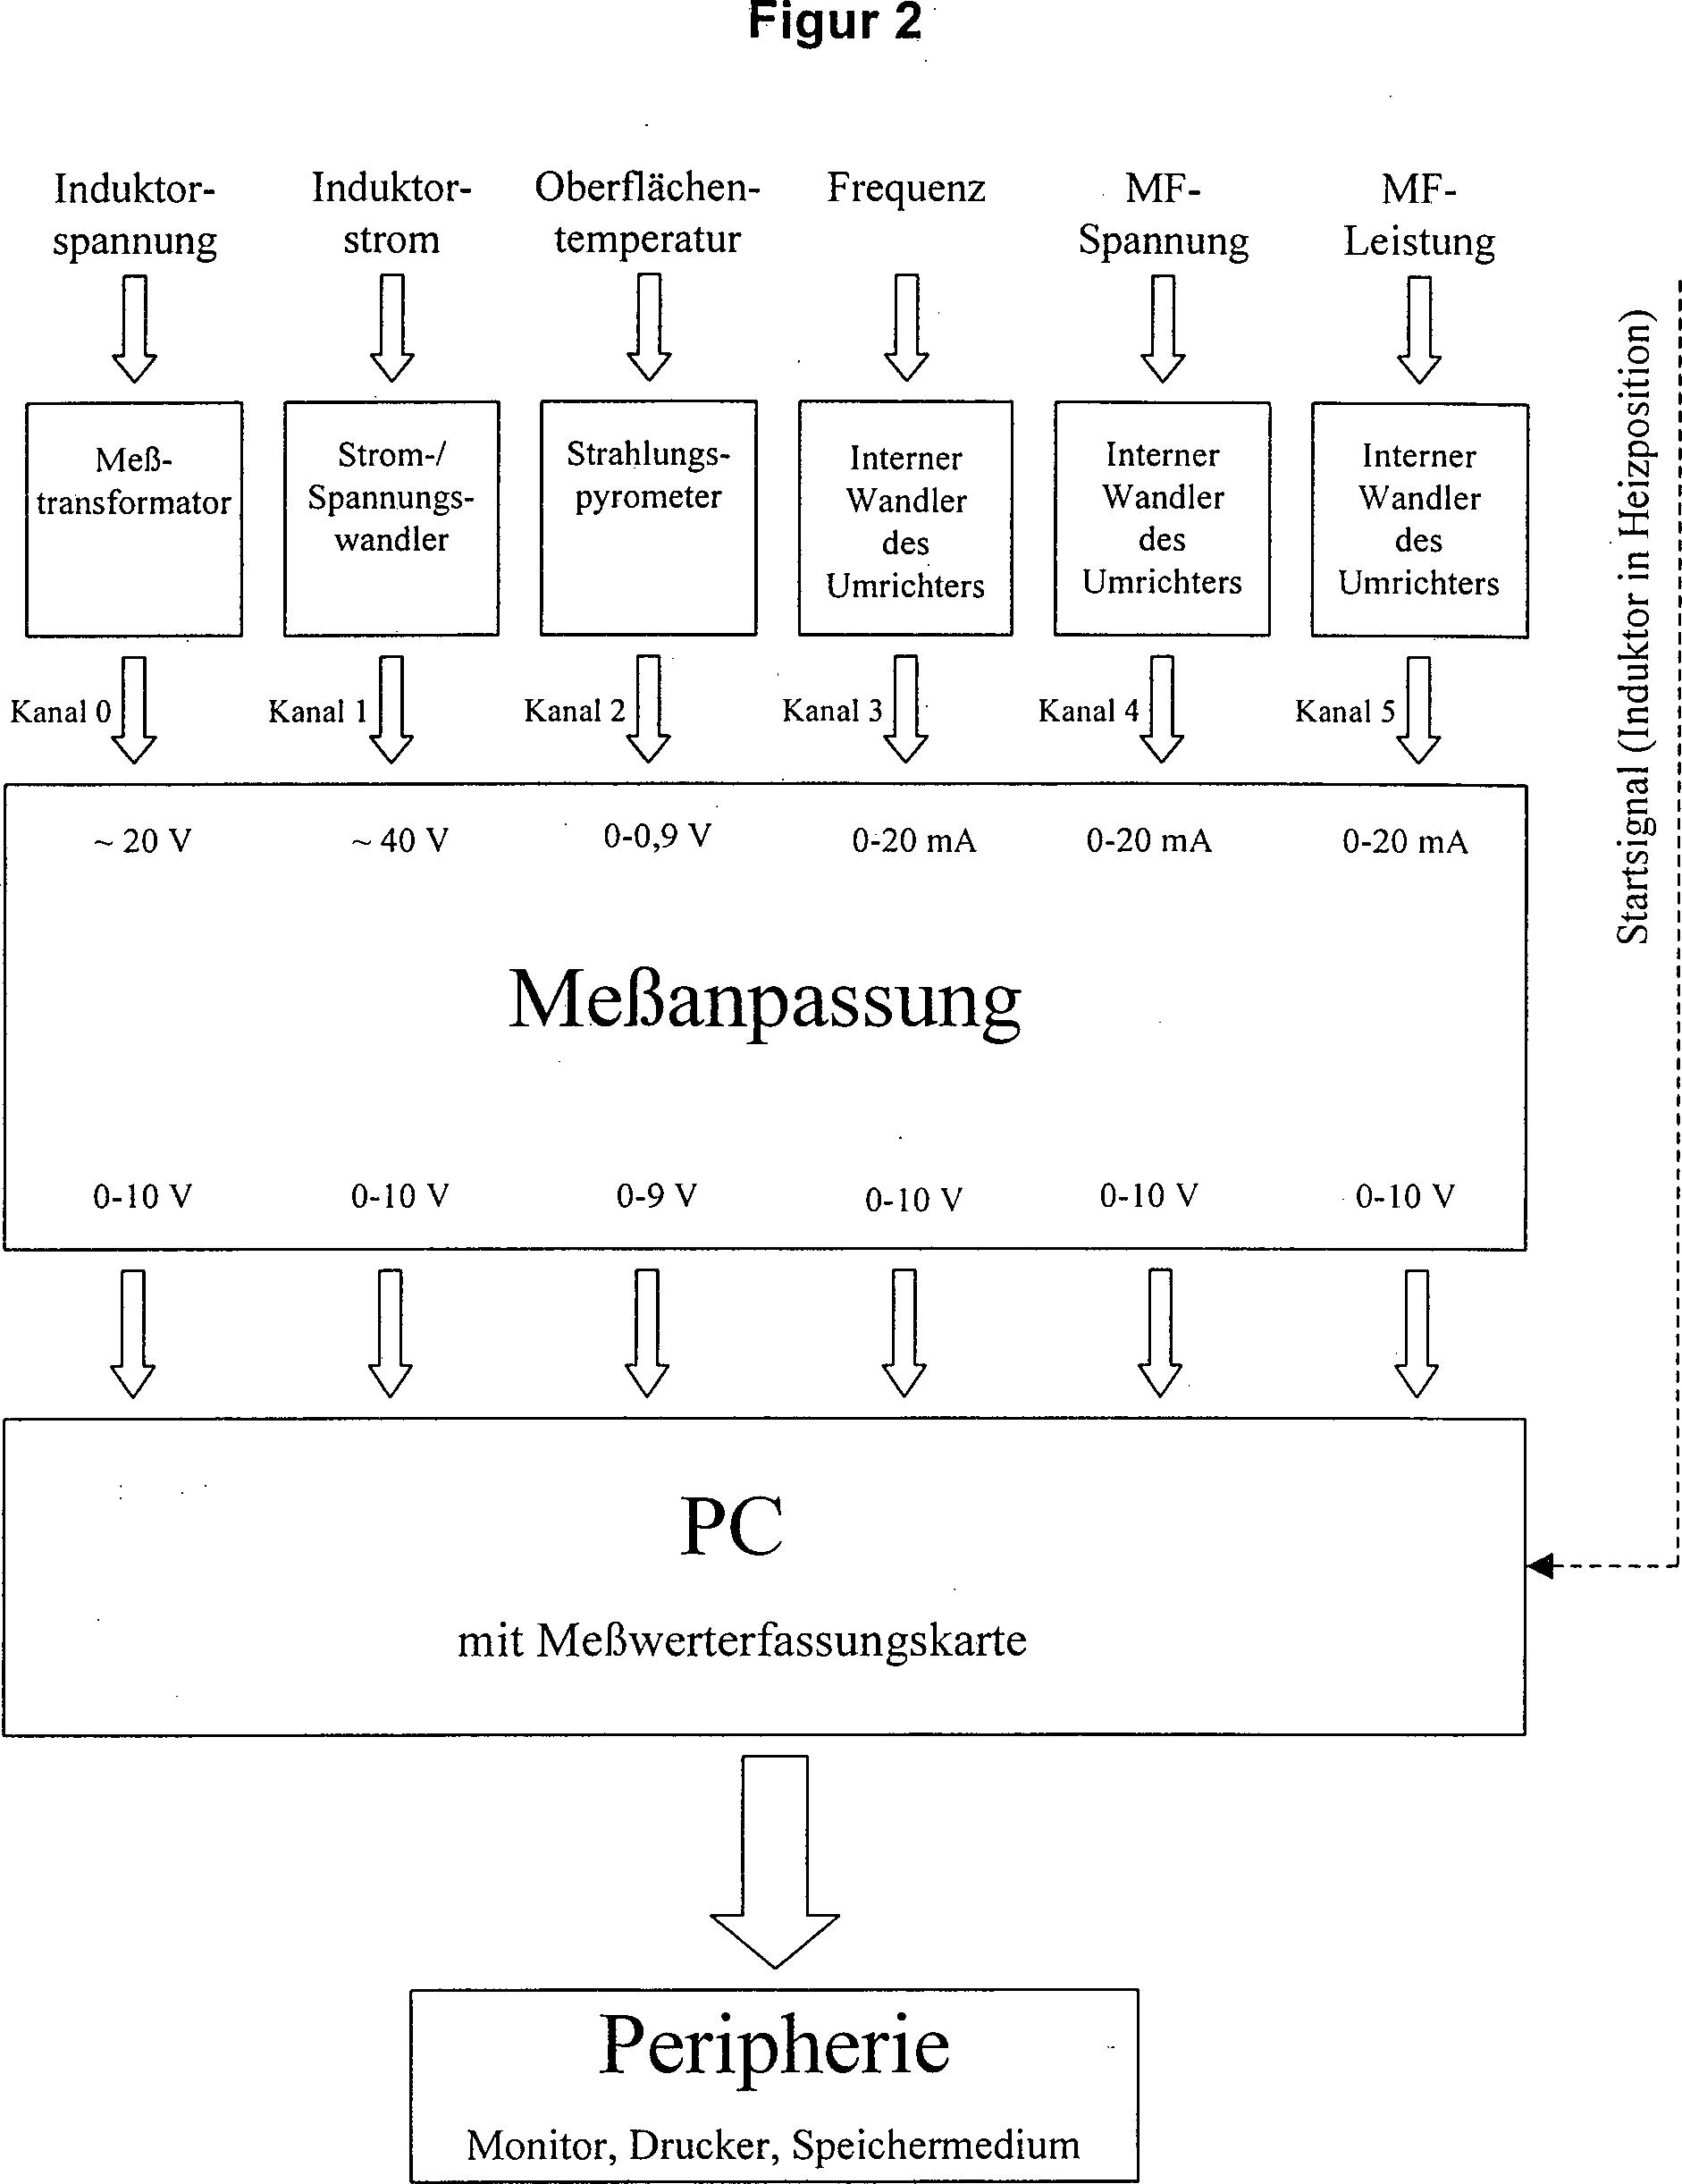 Wunderbar Lichtmaschine Schaltplan Interner Regler Fotos - Der ...